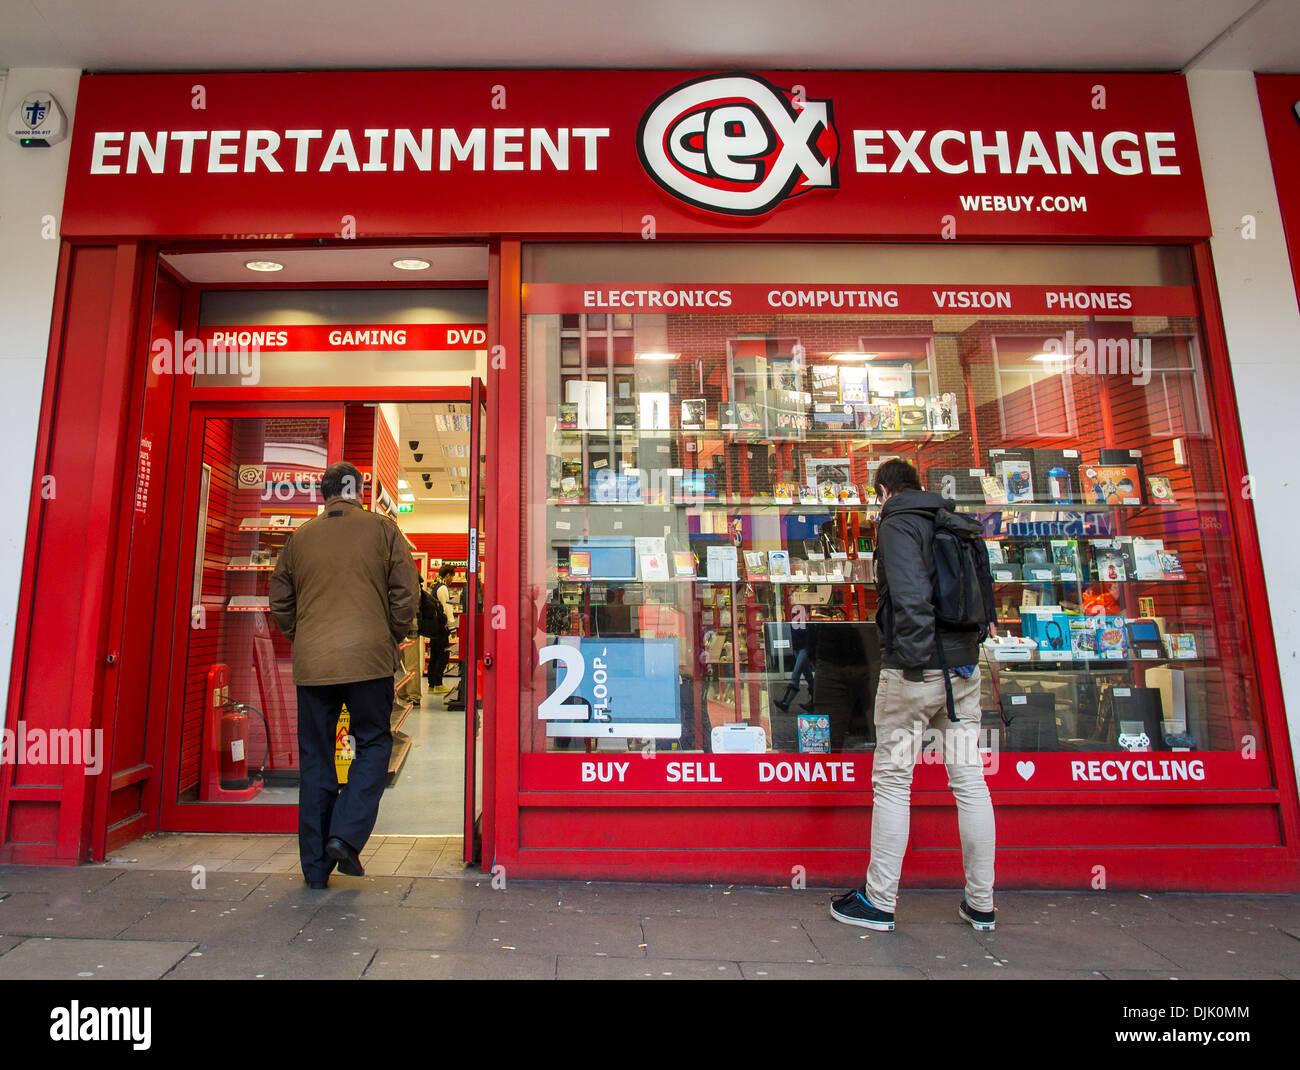 Entertainment Exchange CEX Webuy.com Stock Photo: 63112580